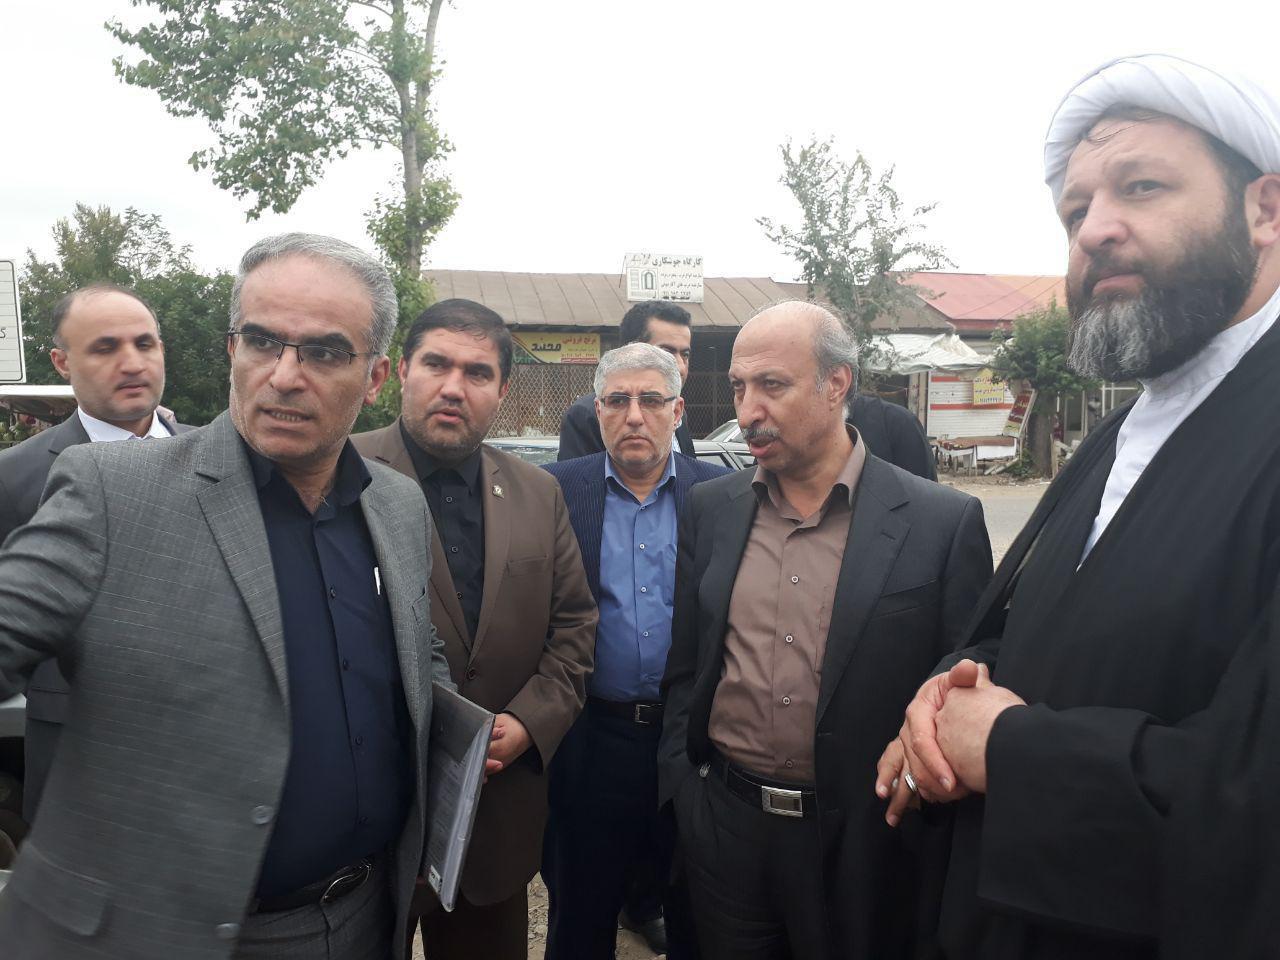 فومن-تحویل +سند+ روستایی